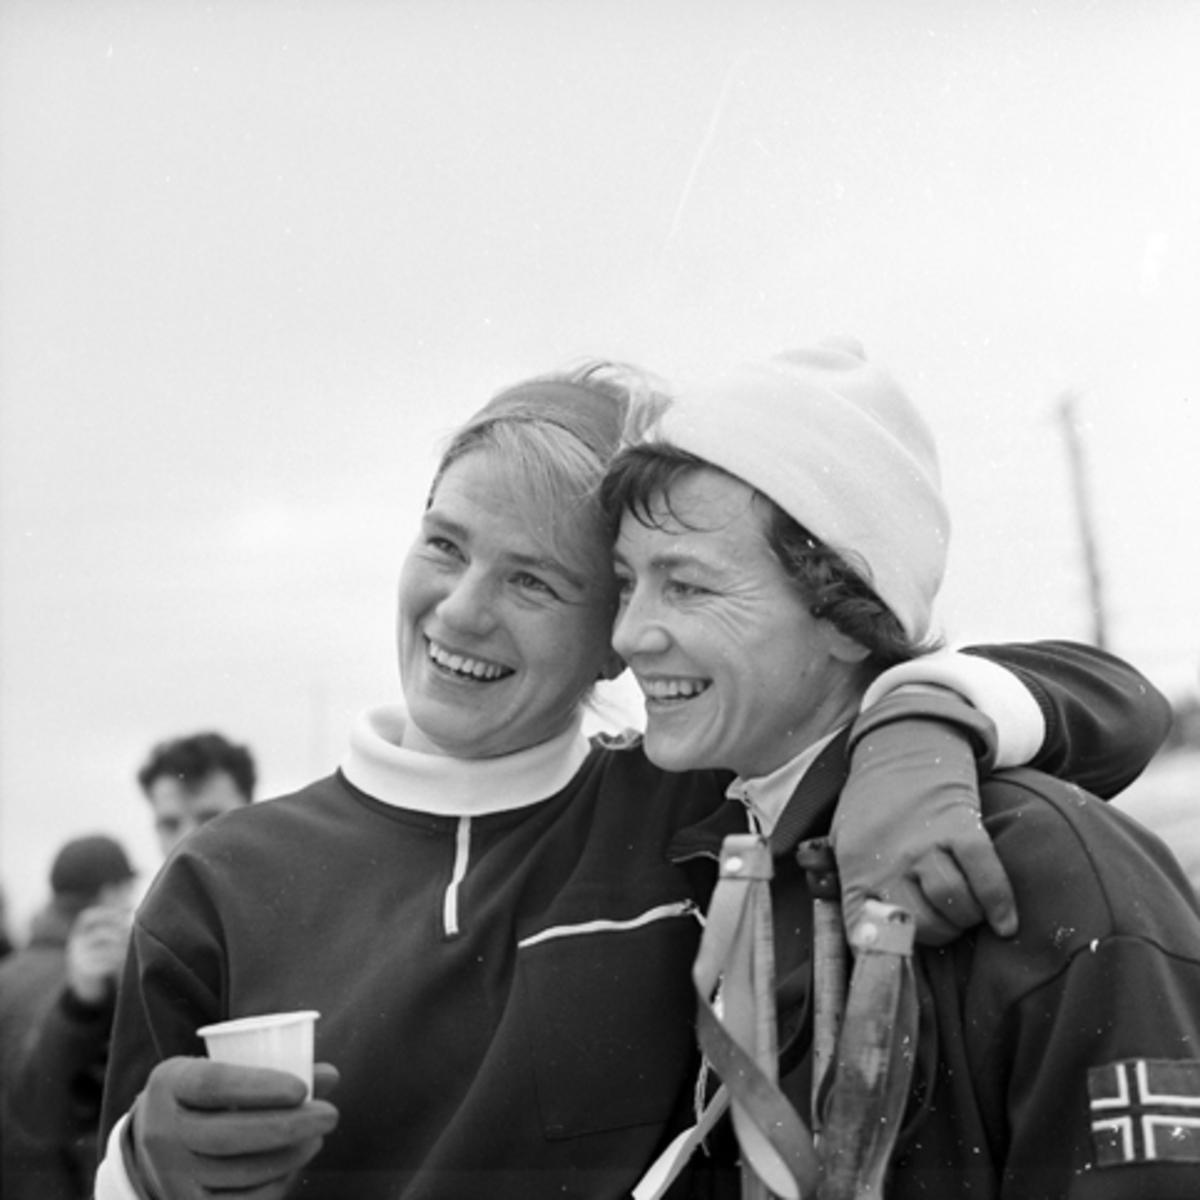 Barbro Martinsson, Sverige (til venstre), ski, langrenn. Den andre er ukjent.